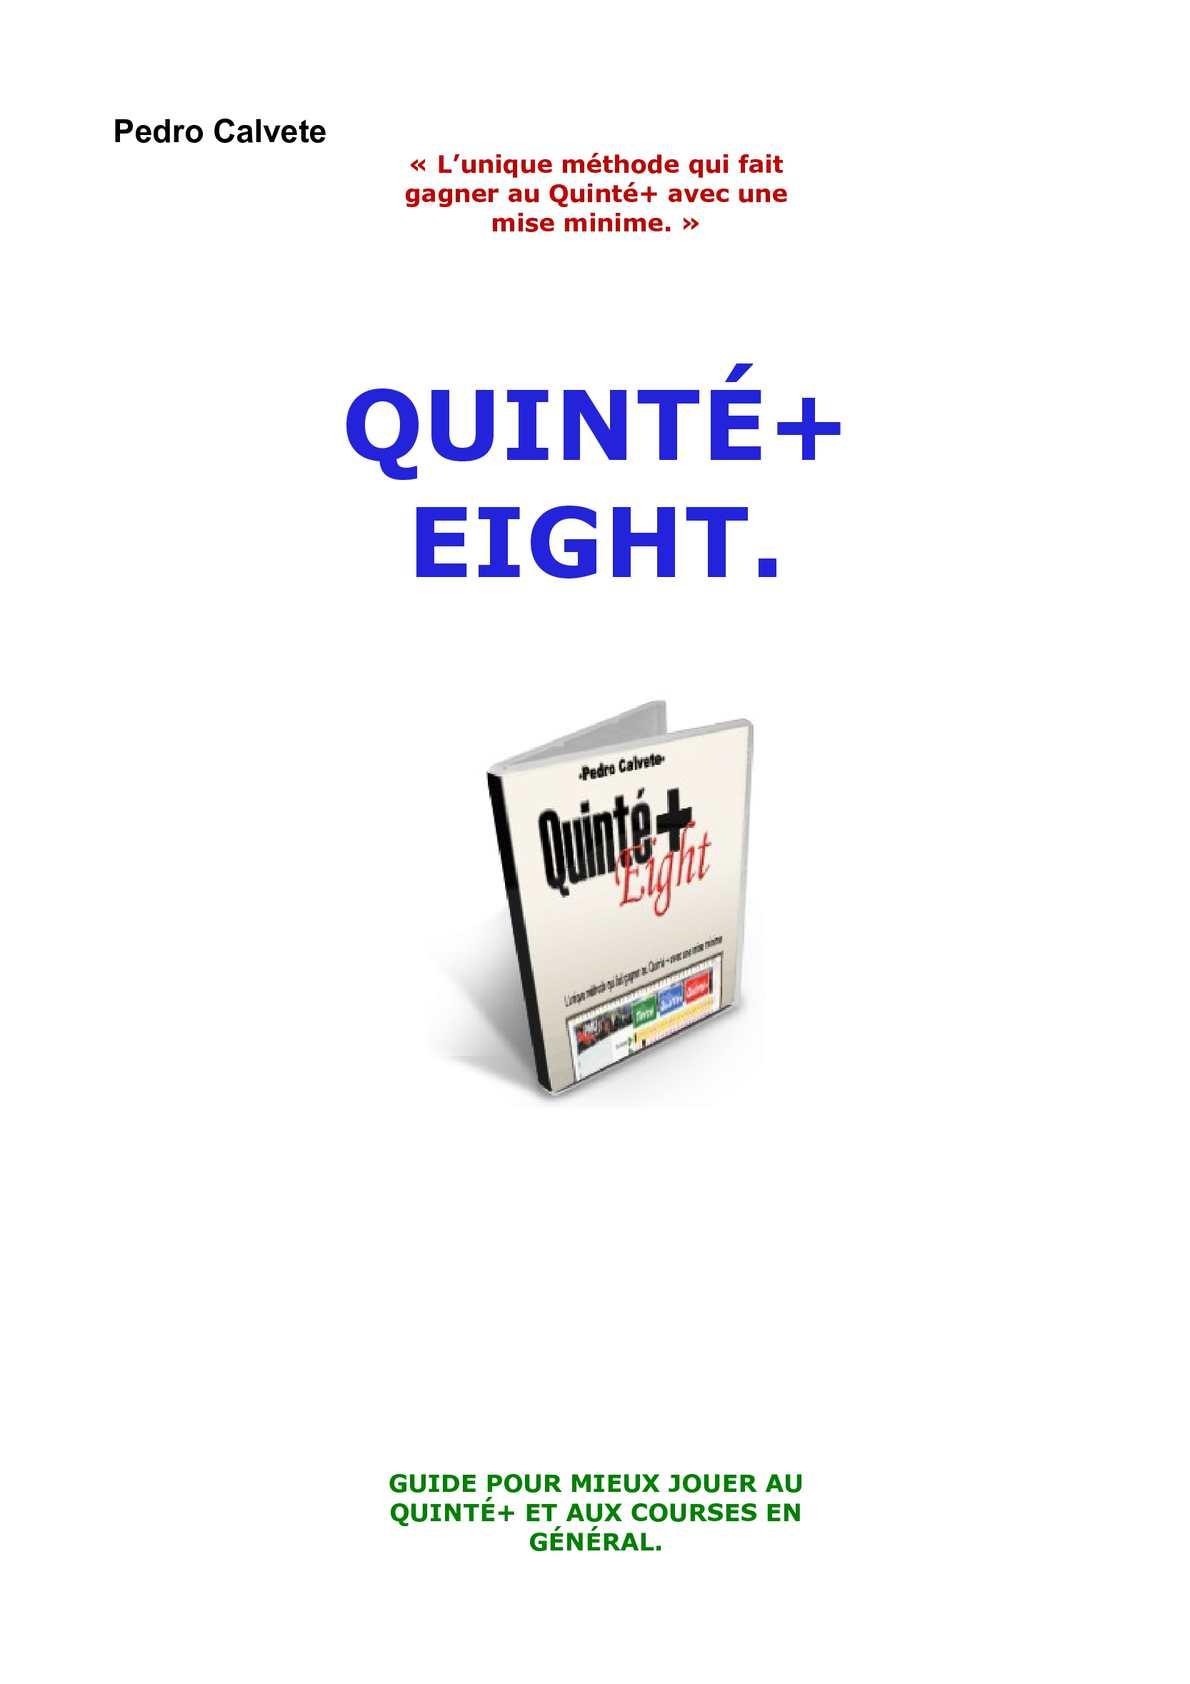 « L'unique méthode qui fait gagner au Quinté+ avec une mise minime. »